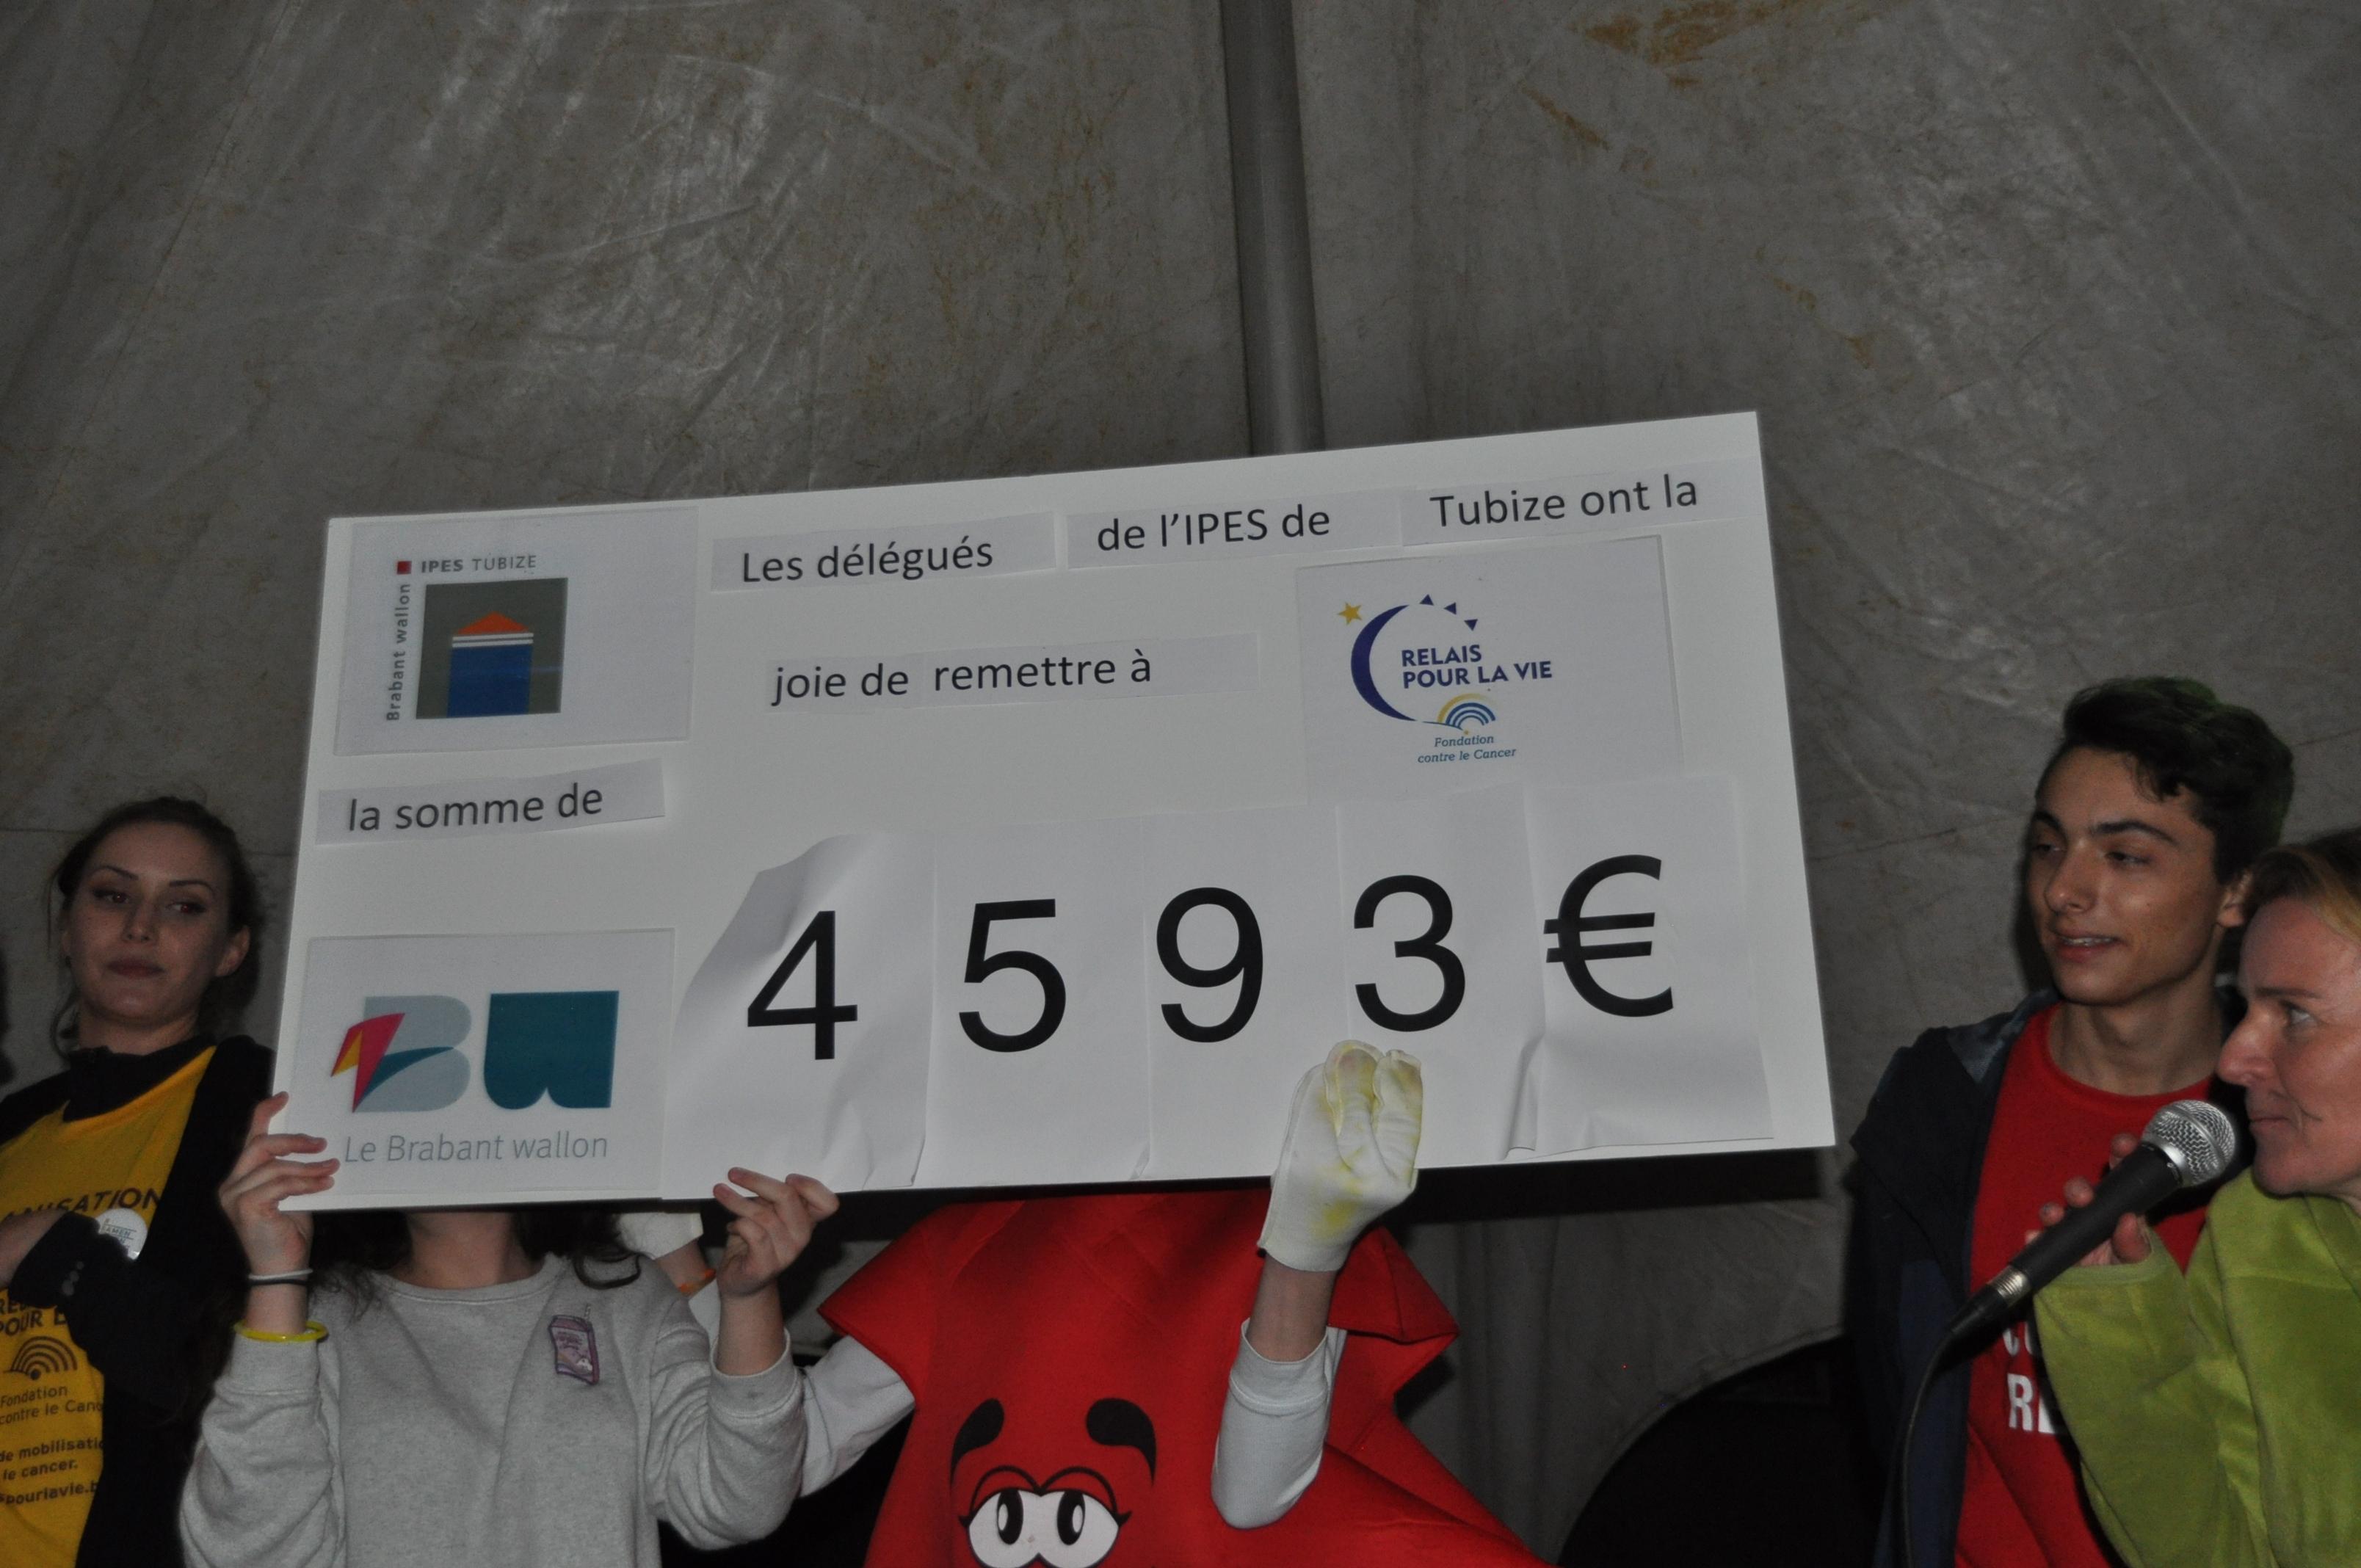 Ipes Journée portes ouvertes 2016 Course Relais Projet délégués 2016